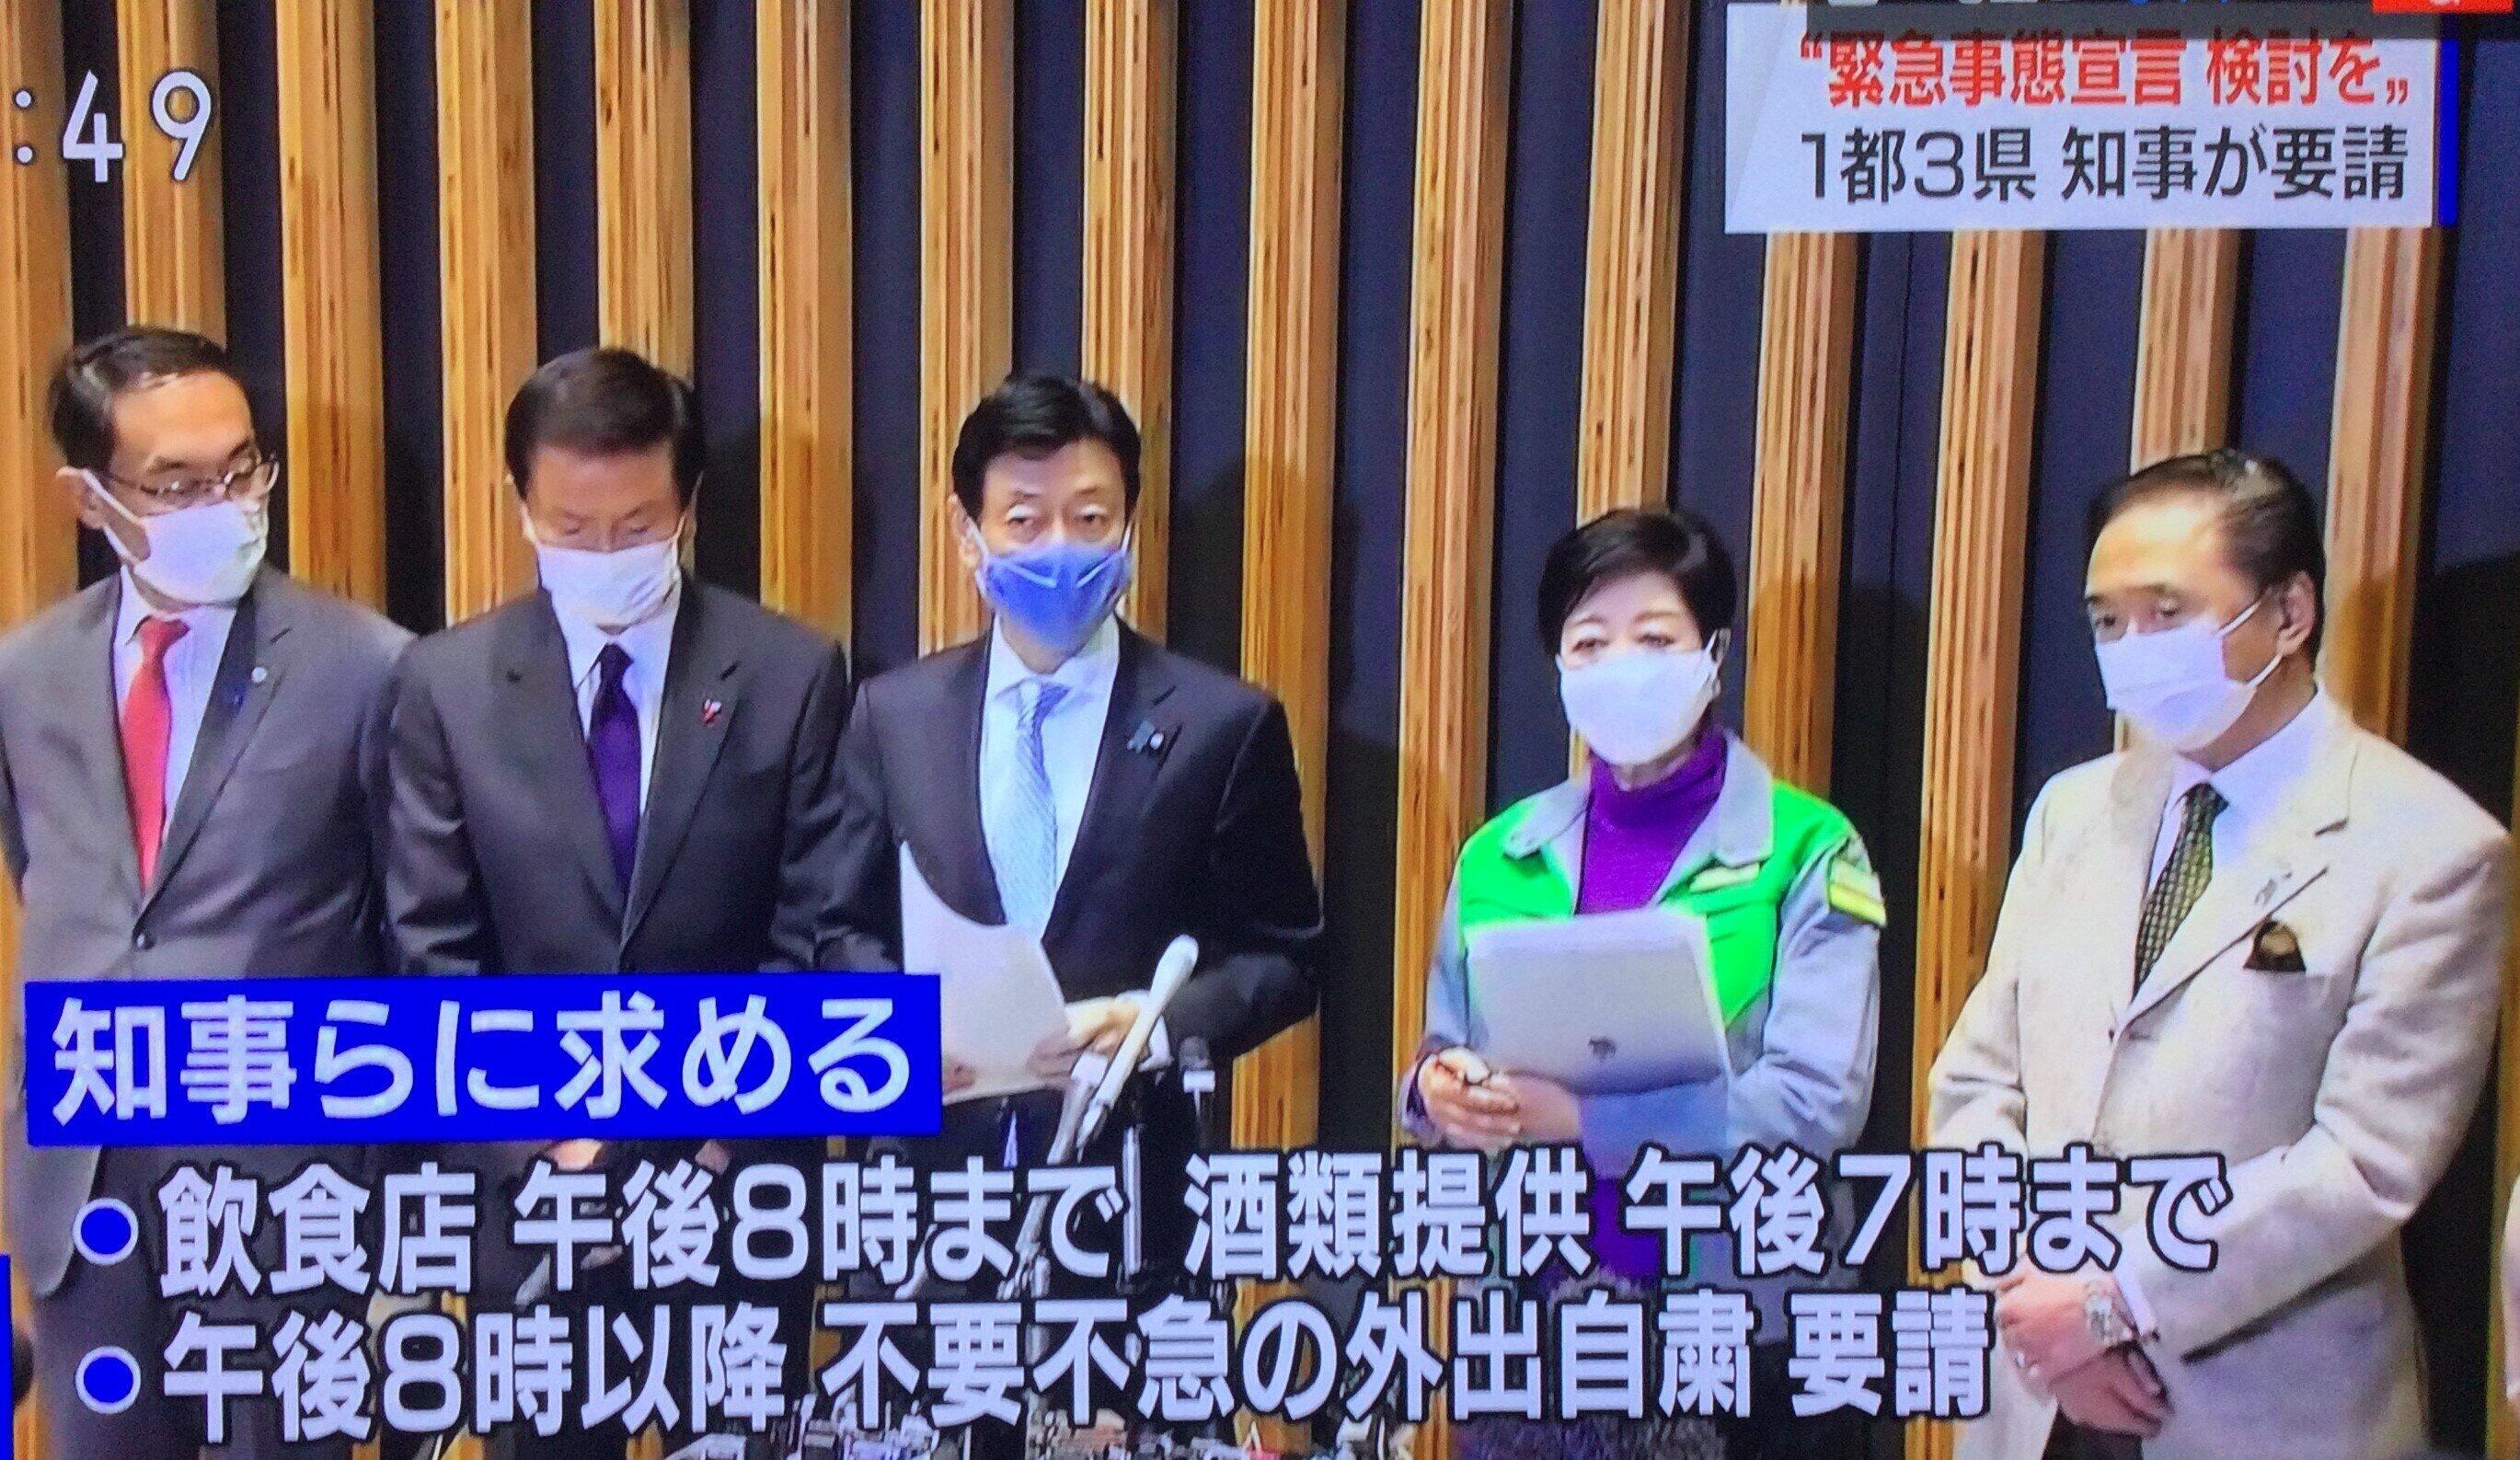 西村康稔経済再生相(中央)に緊急事態宣言発令の要請をした1都3県の知事たち(1月2日のNHKテレビニュース)